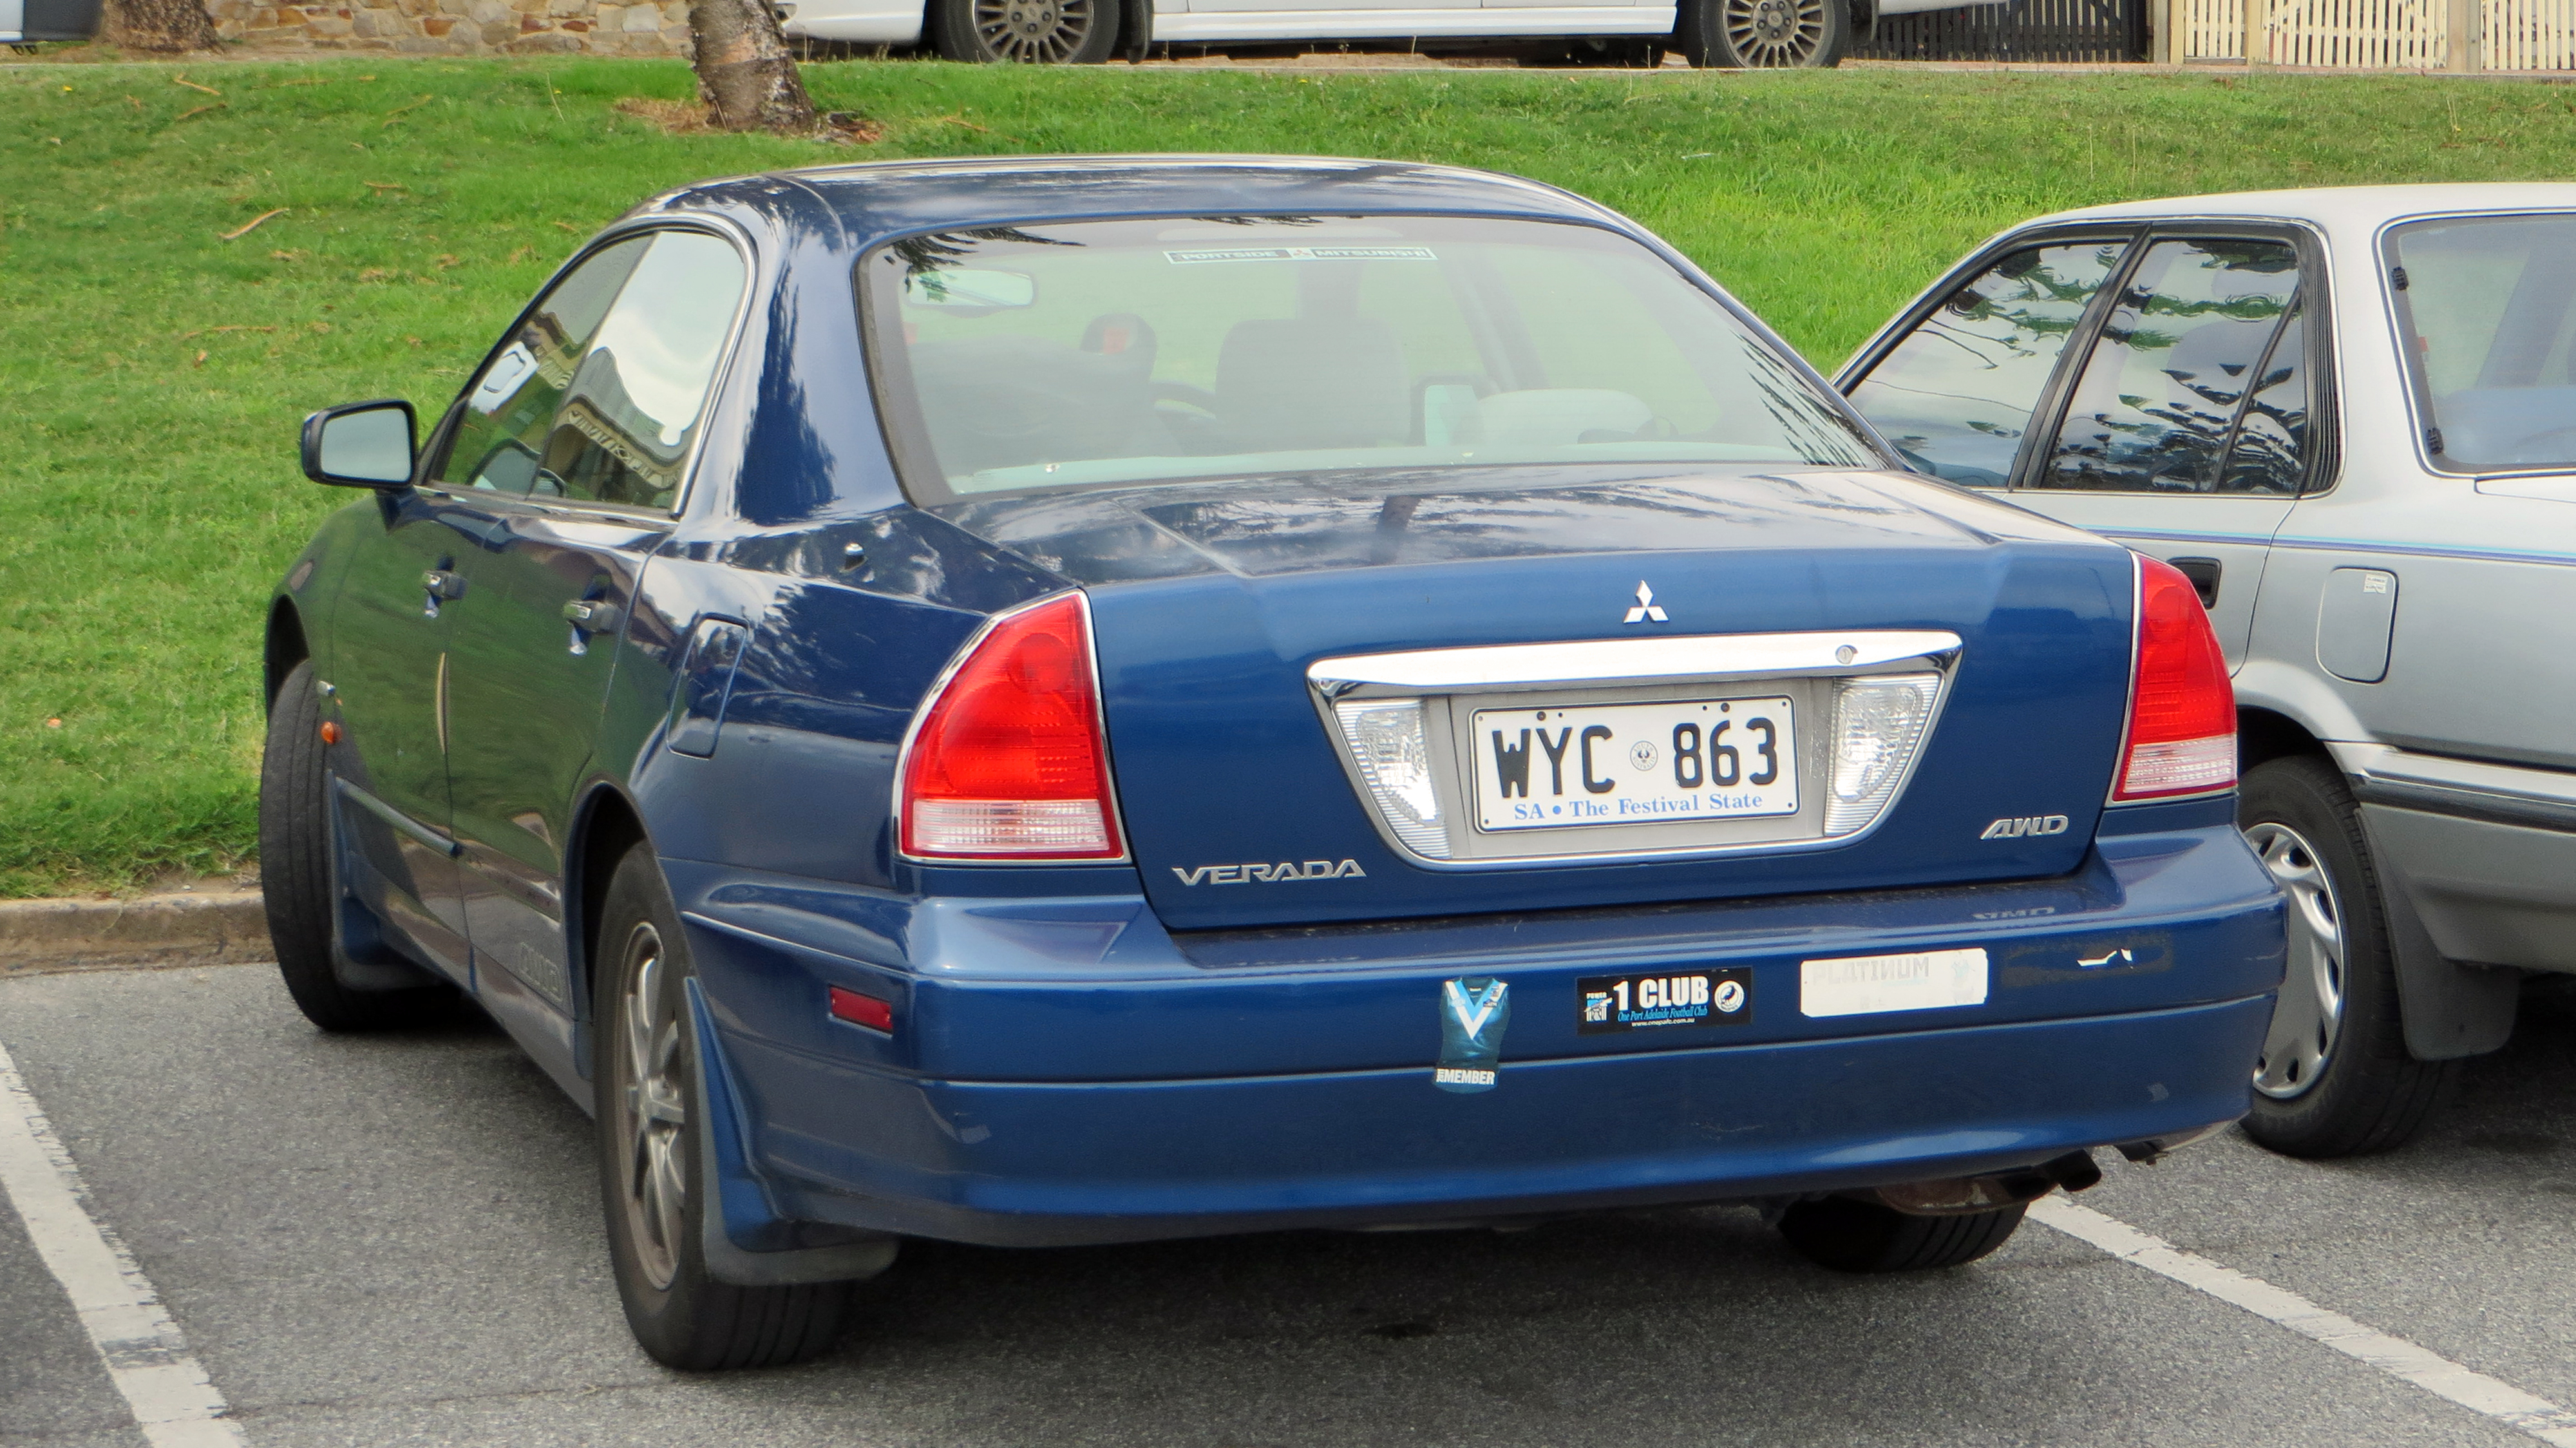 Mitsubishi verada 2003